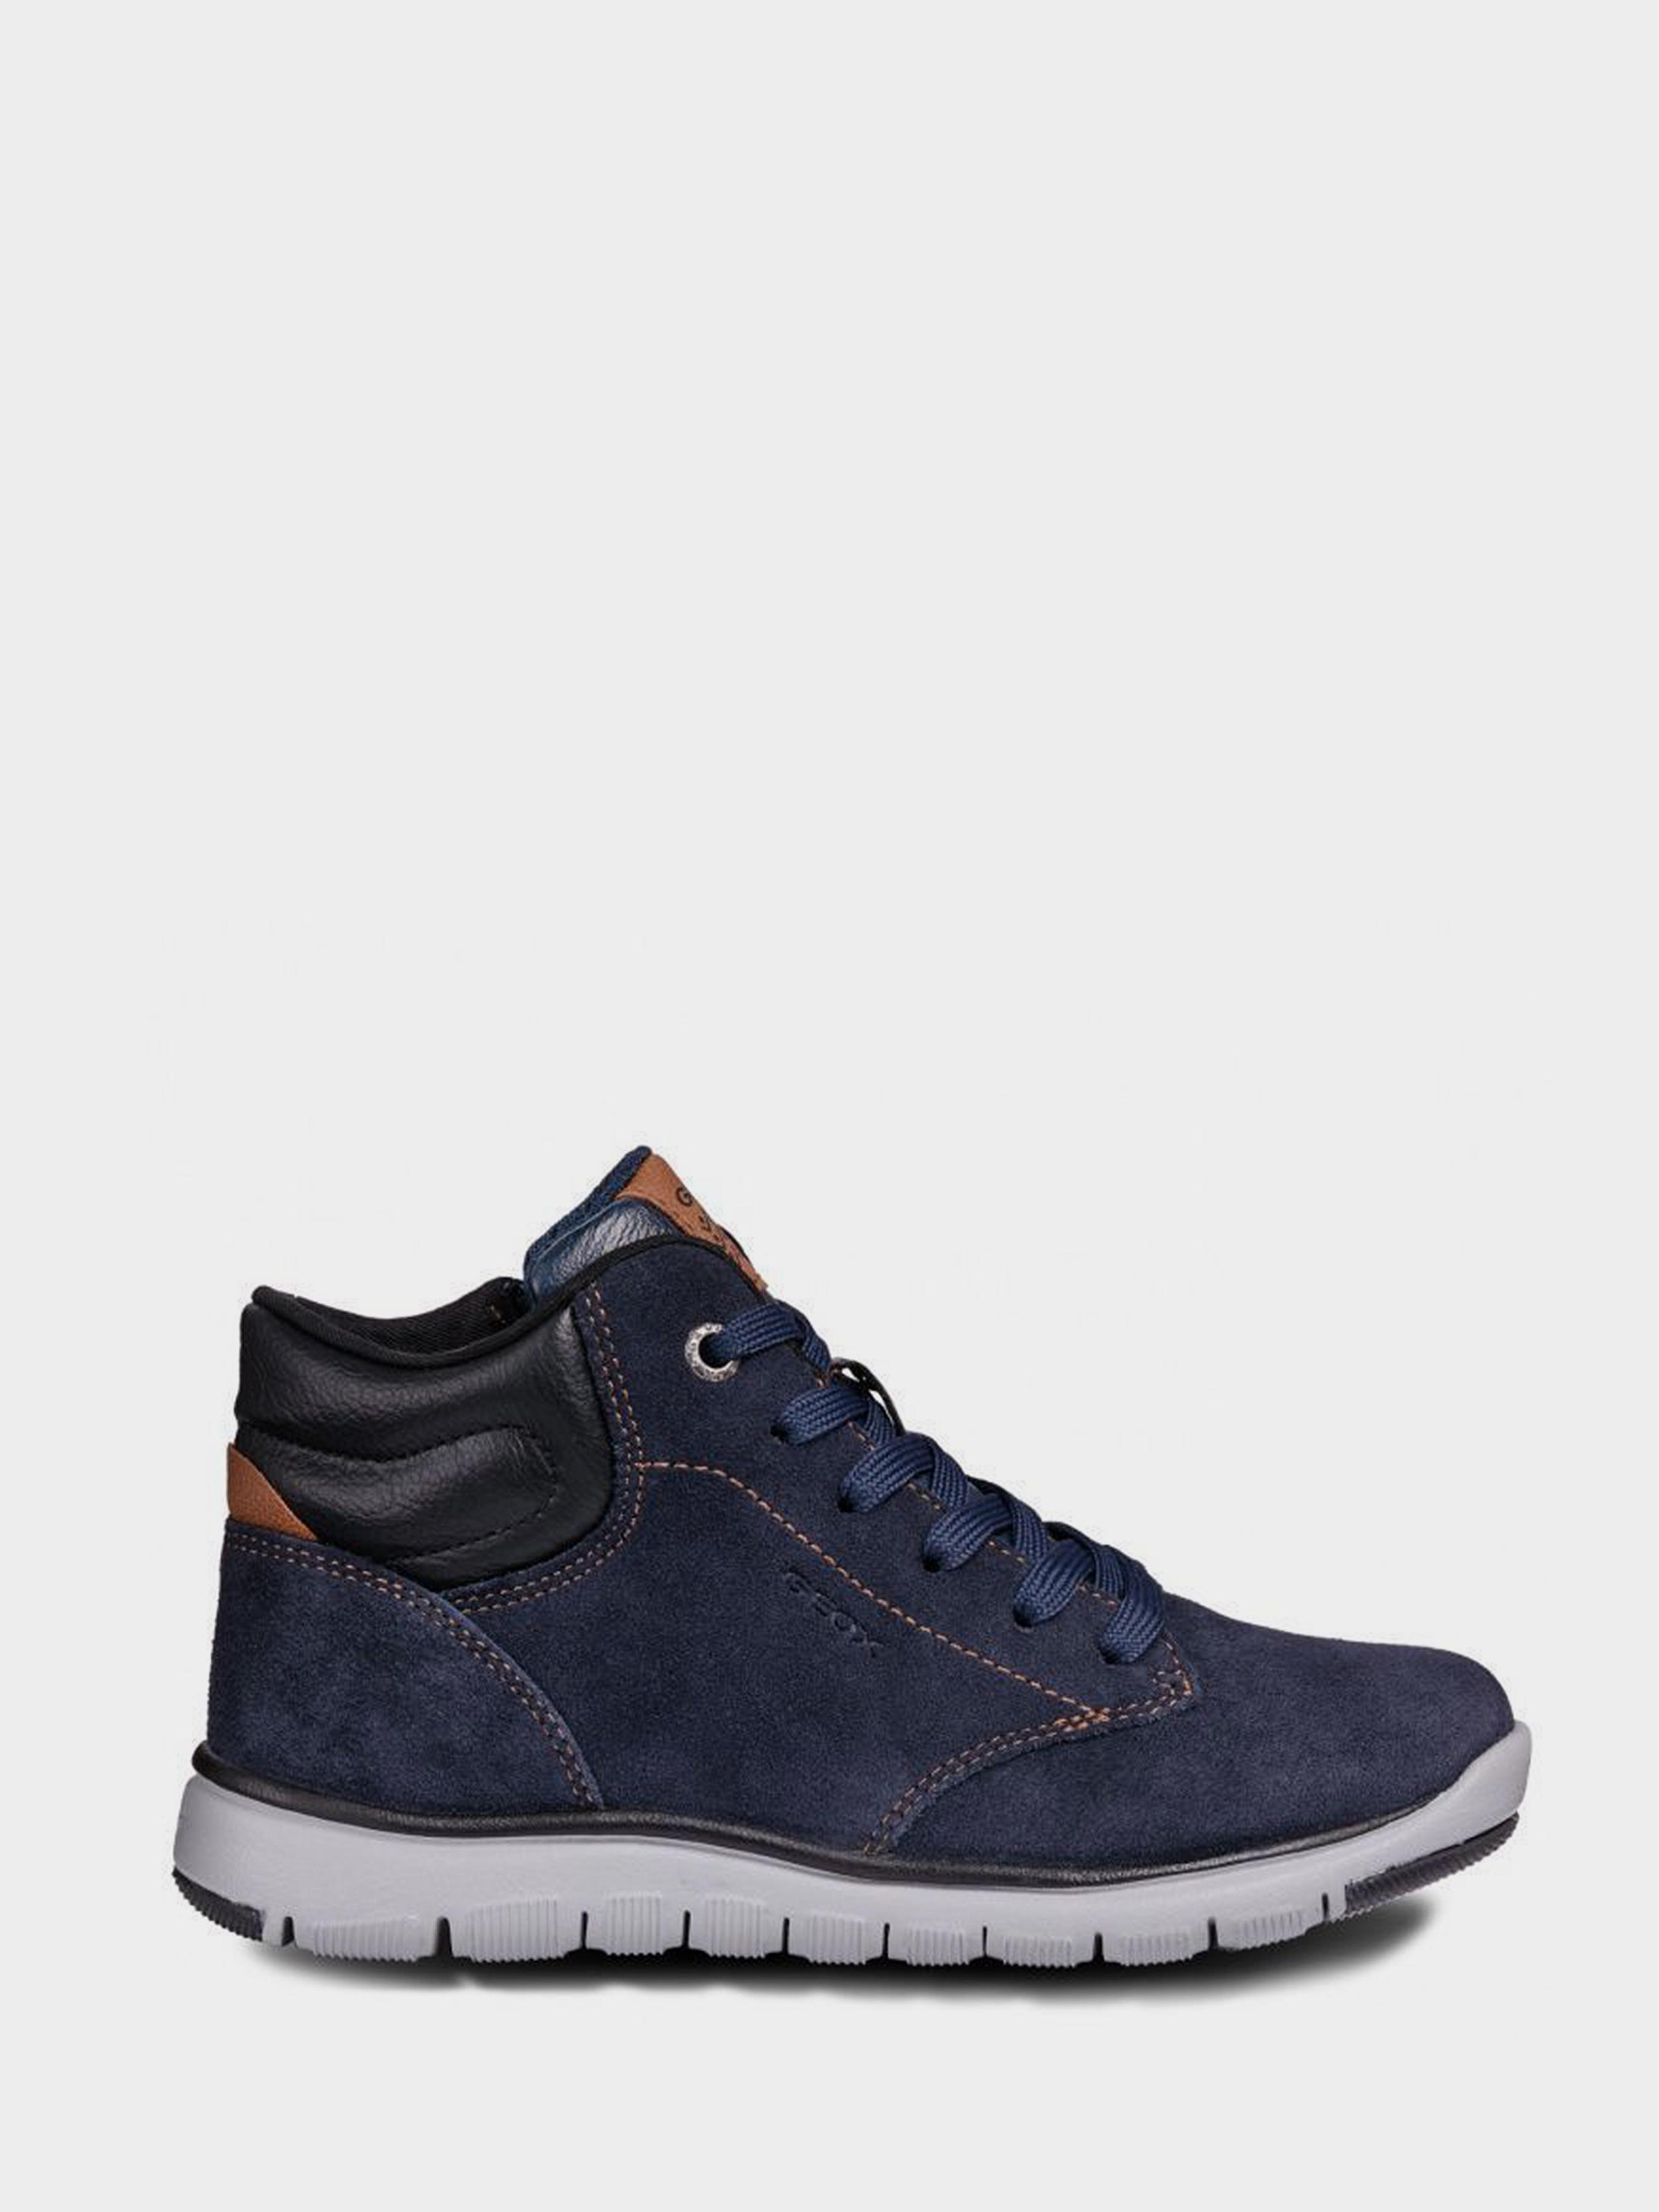 Ботинки детские Geox J XUNDAY BOY XK5913 купить обувь, 2017